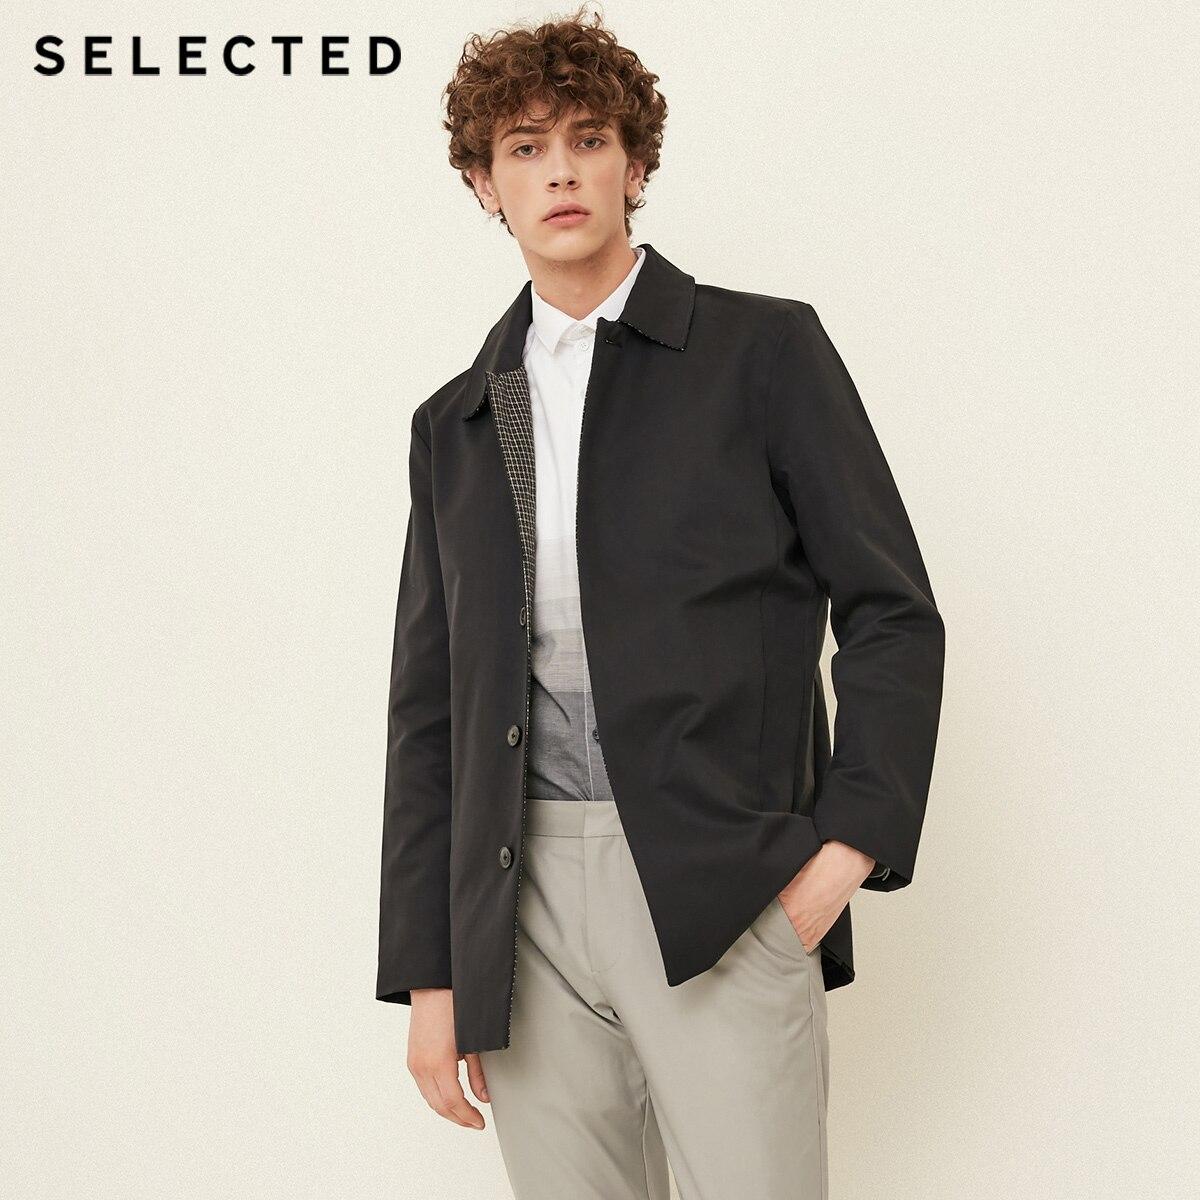 SELECTED New Men's Cotton Lapel Windbreaker Coat Stylish Business Casual Jacket Outwear T | 4183OM507